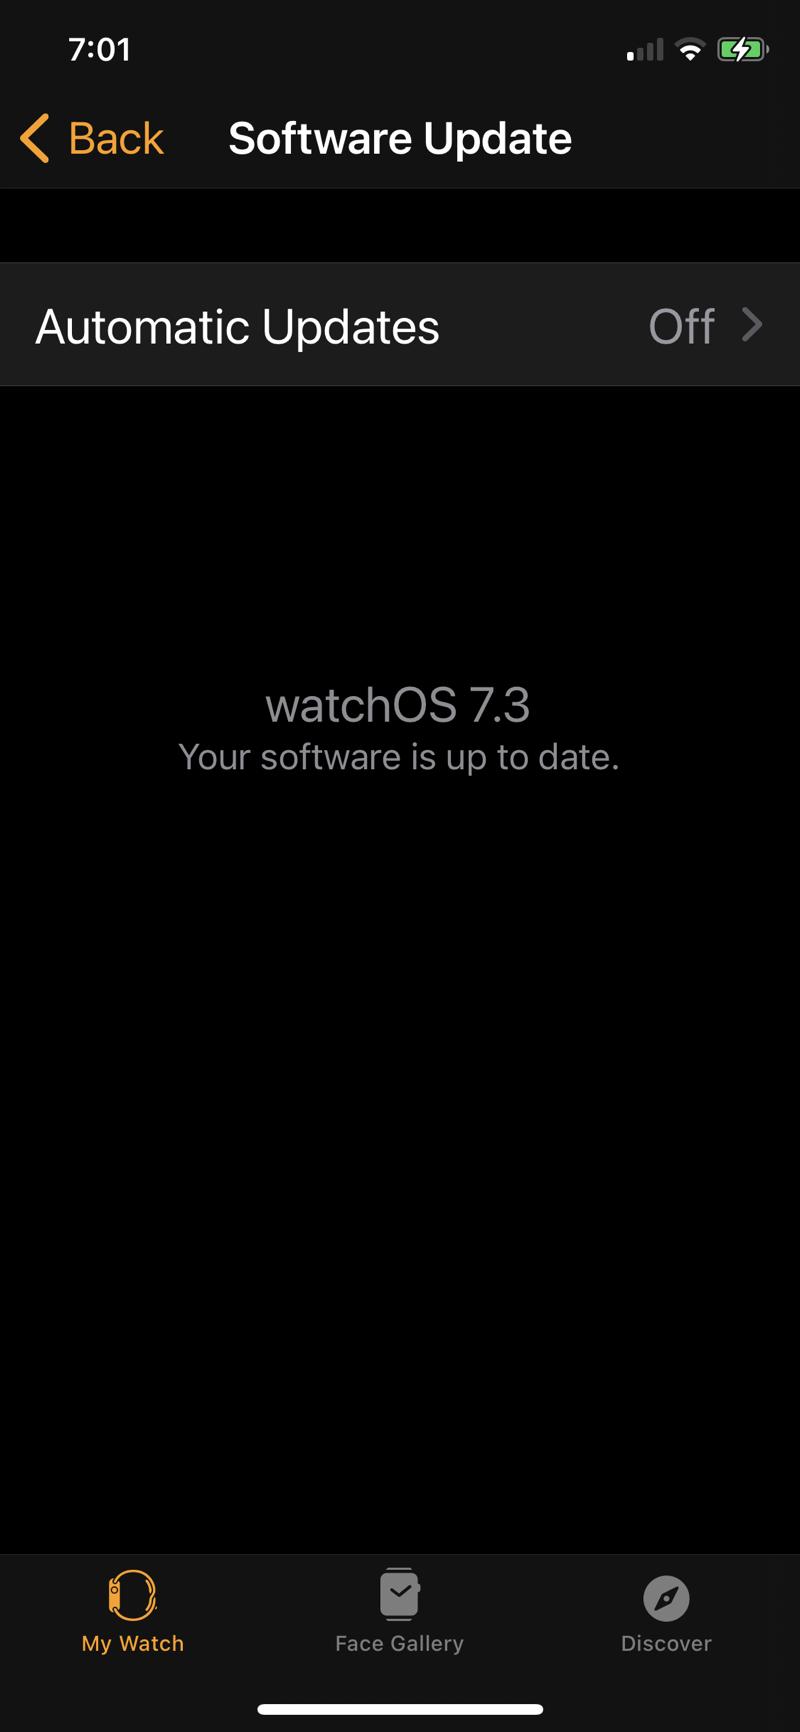 Watch update notice